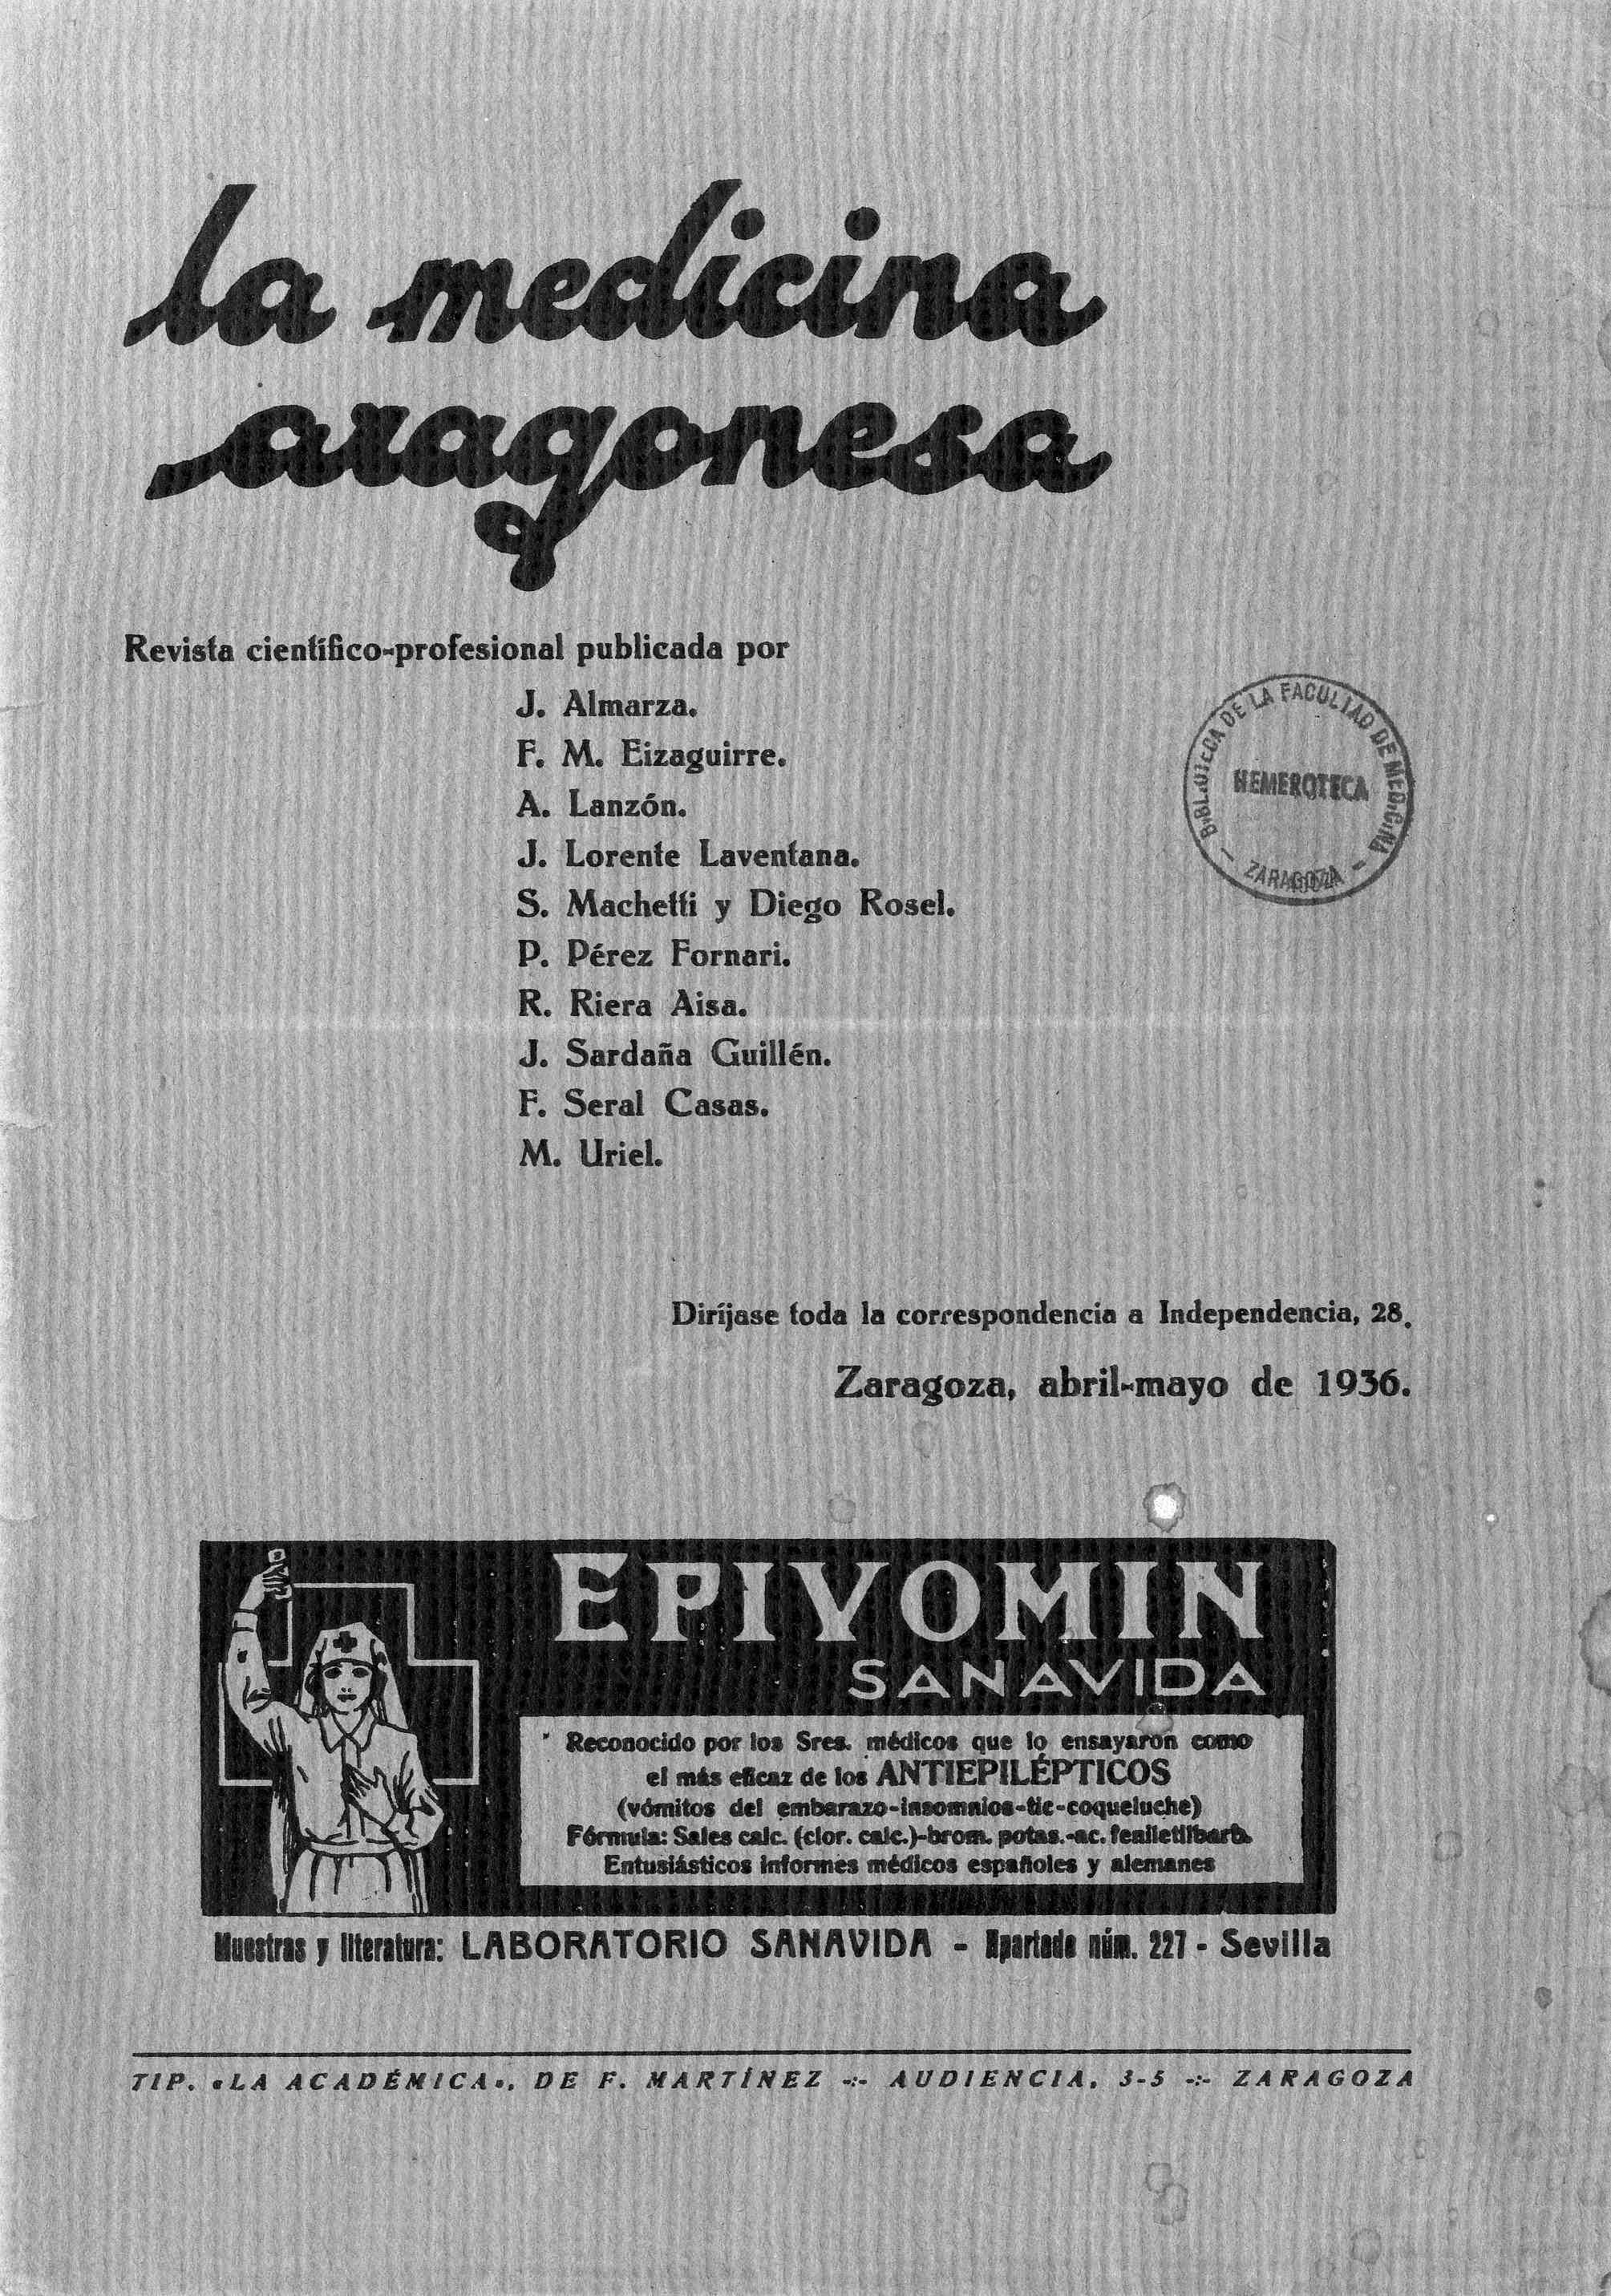 La medicina aragonesa, 4ª ép., Año 7, n. 3, (1936)